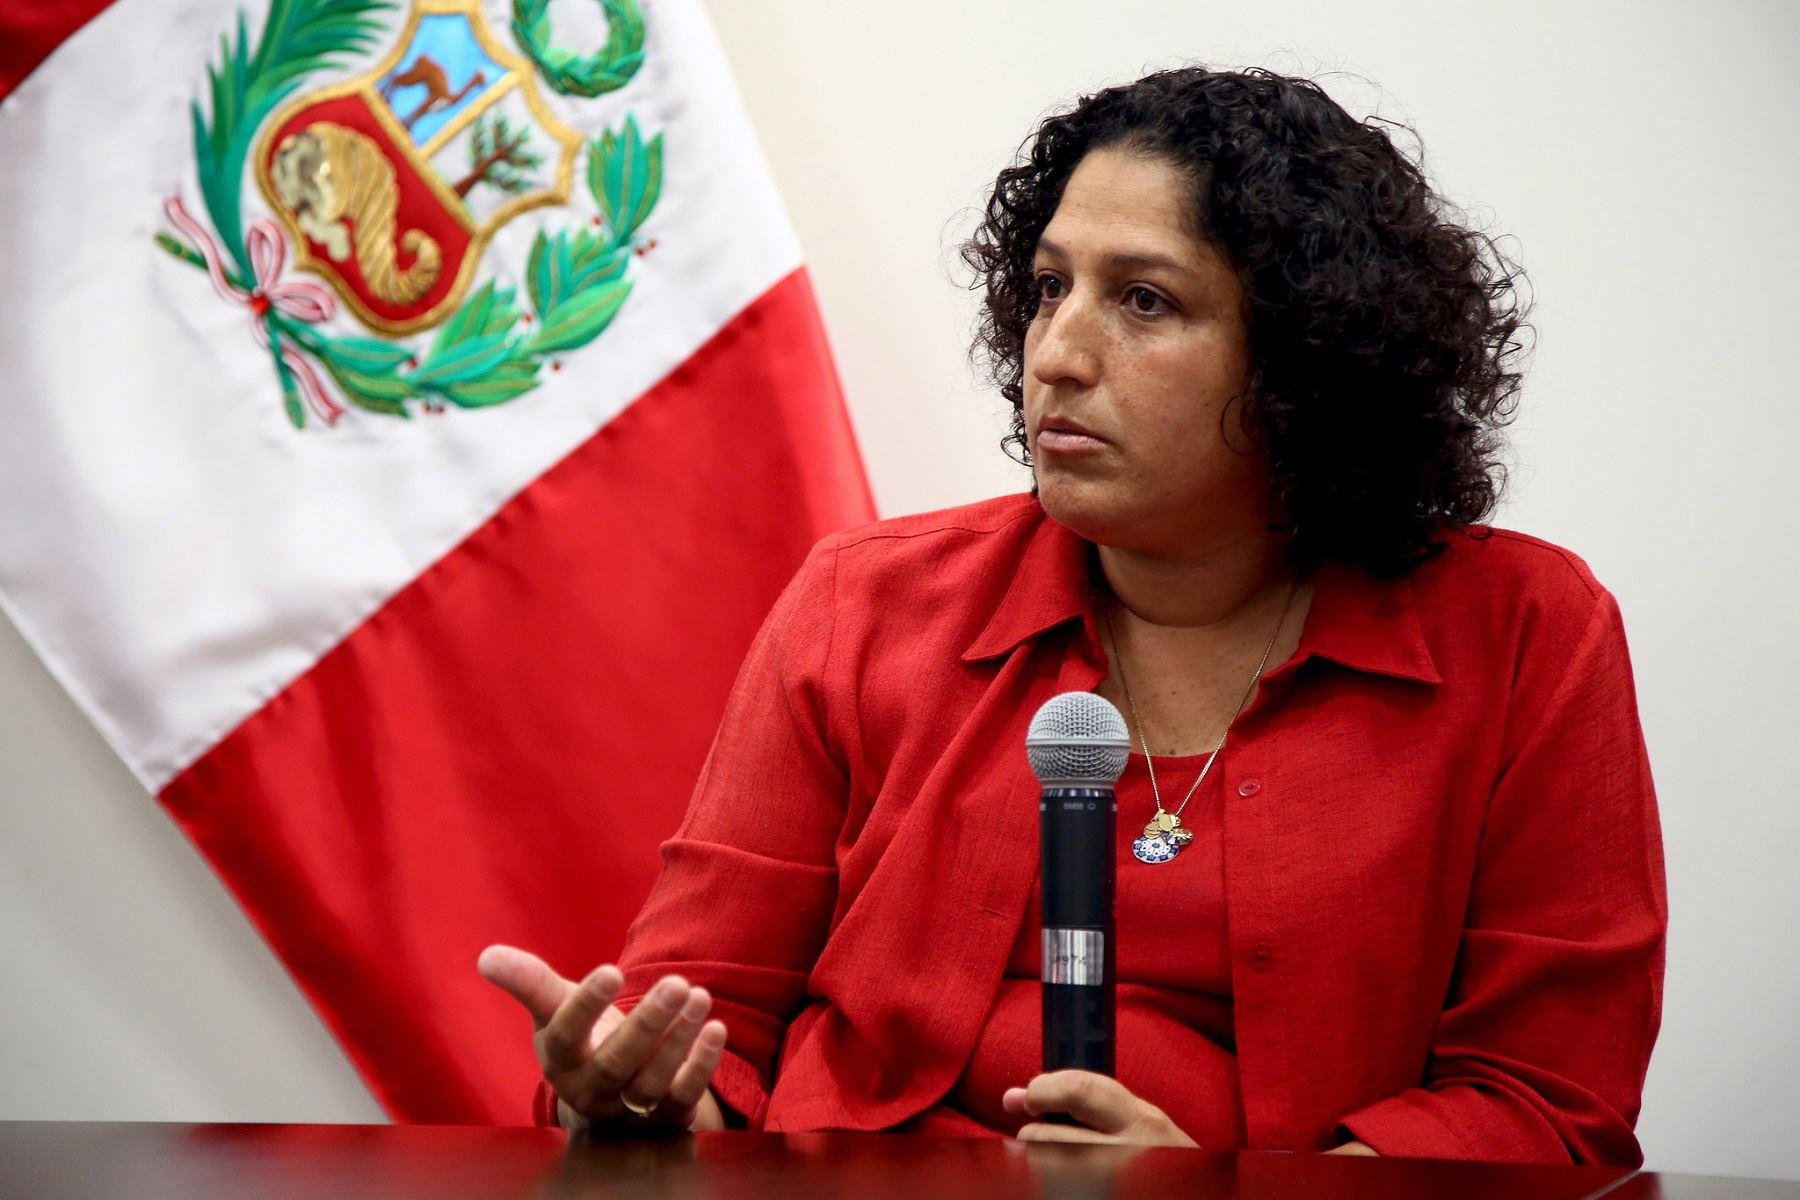 La ministra Fabiola Muñoz asumió la cartera del Ambiente en abril de 2018. Foto: Agencia Andina.